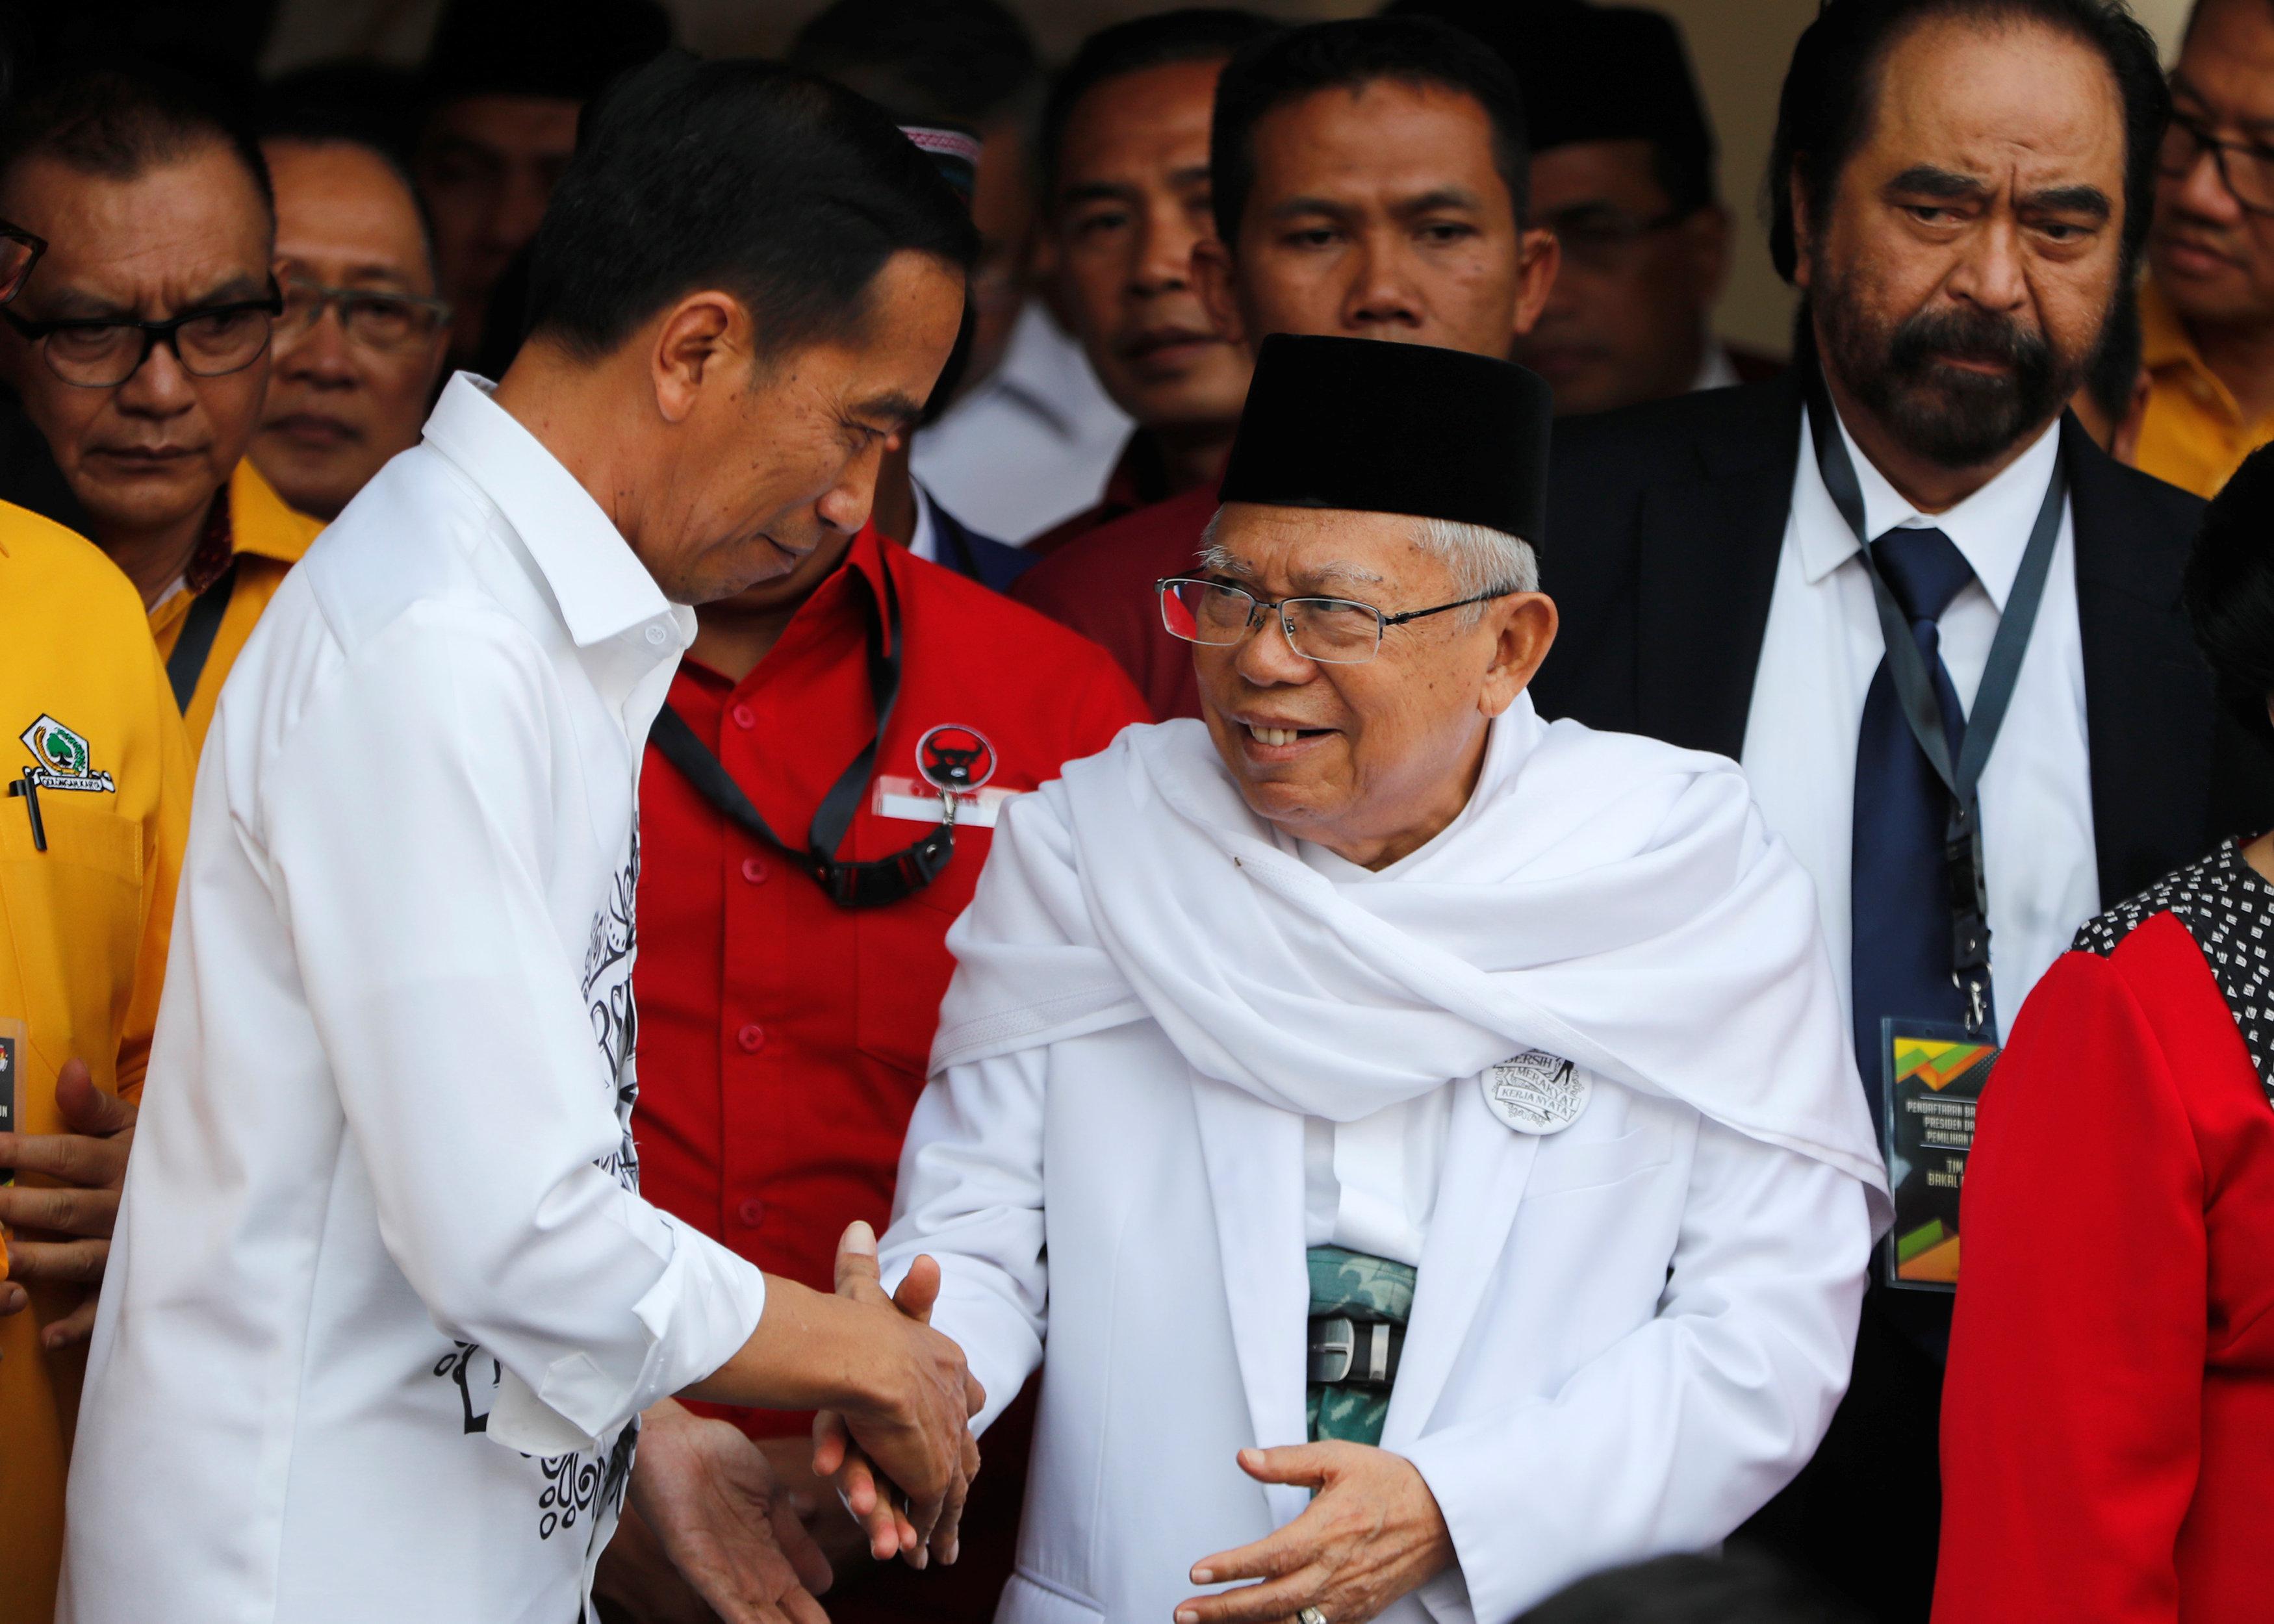 印尼总统佐科宣布伊斯兰教士理事会总主席马鲁夫(右)为他的副手竞选搭档。-路透社-